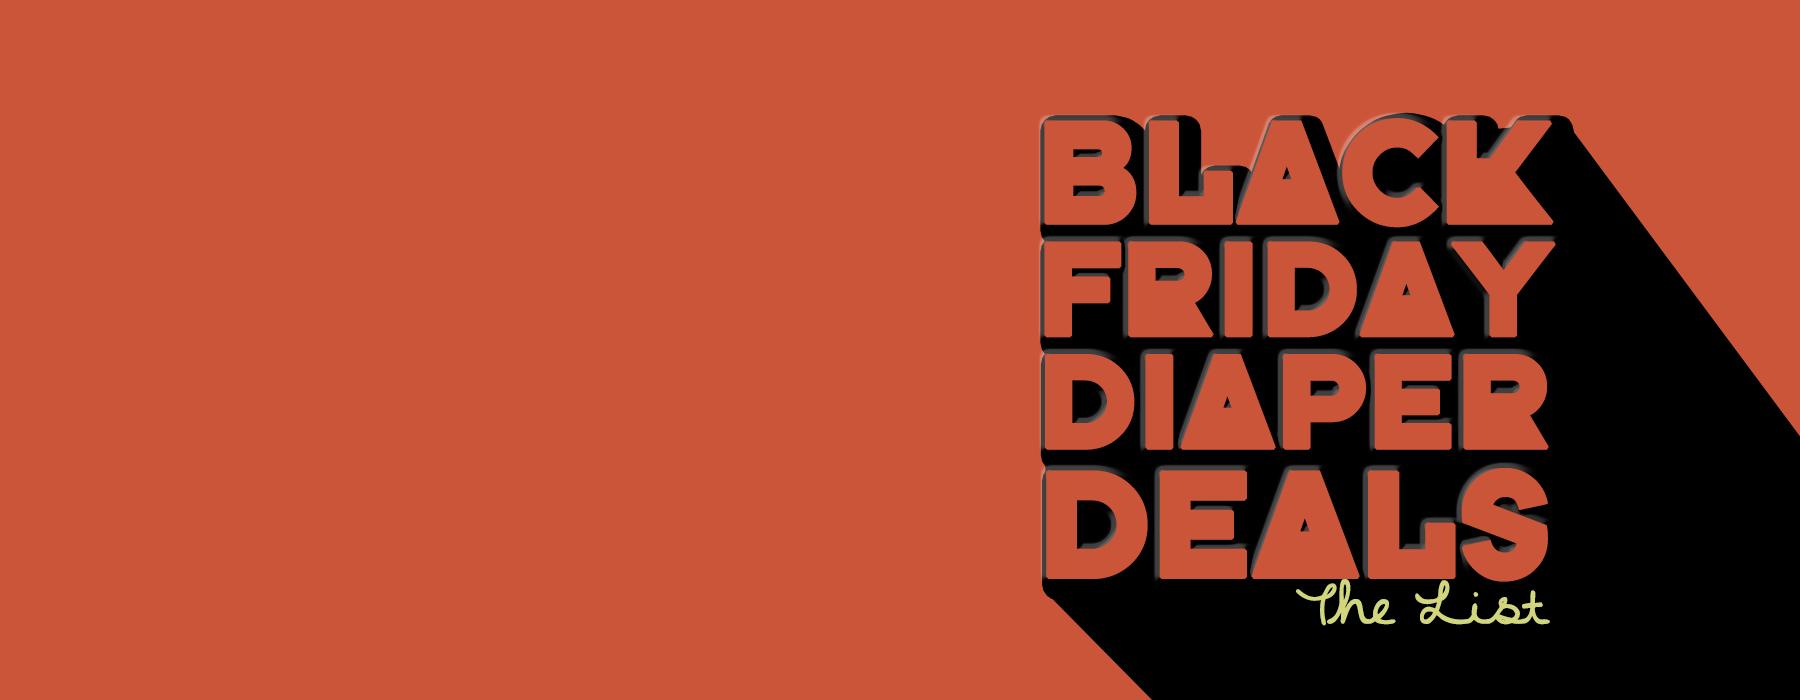 BlackFriday2015wide